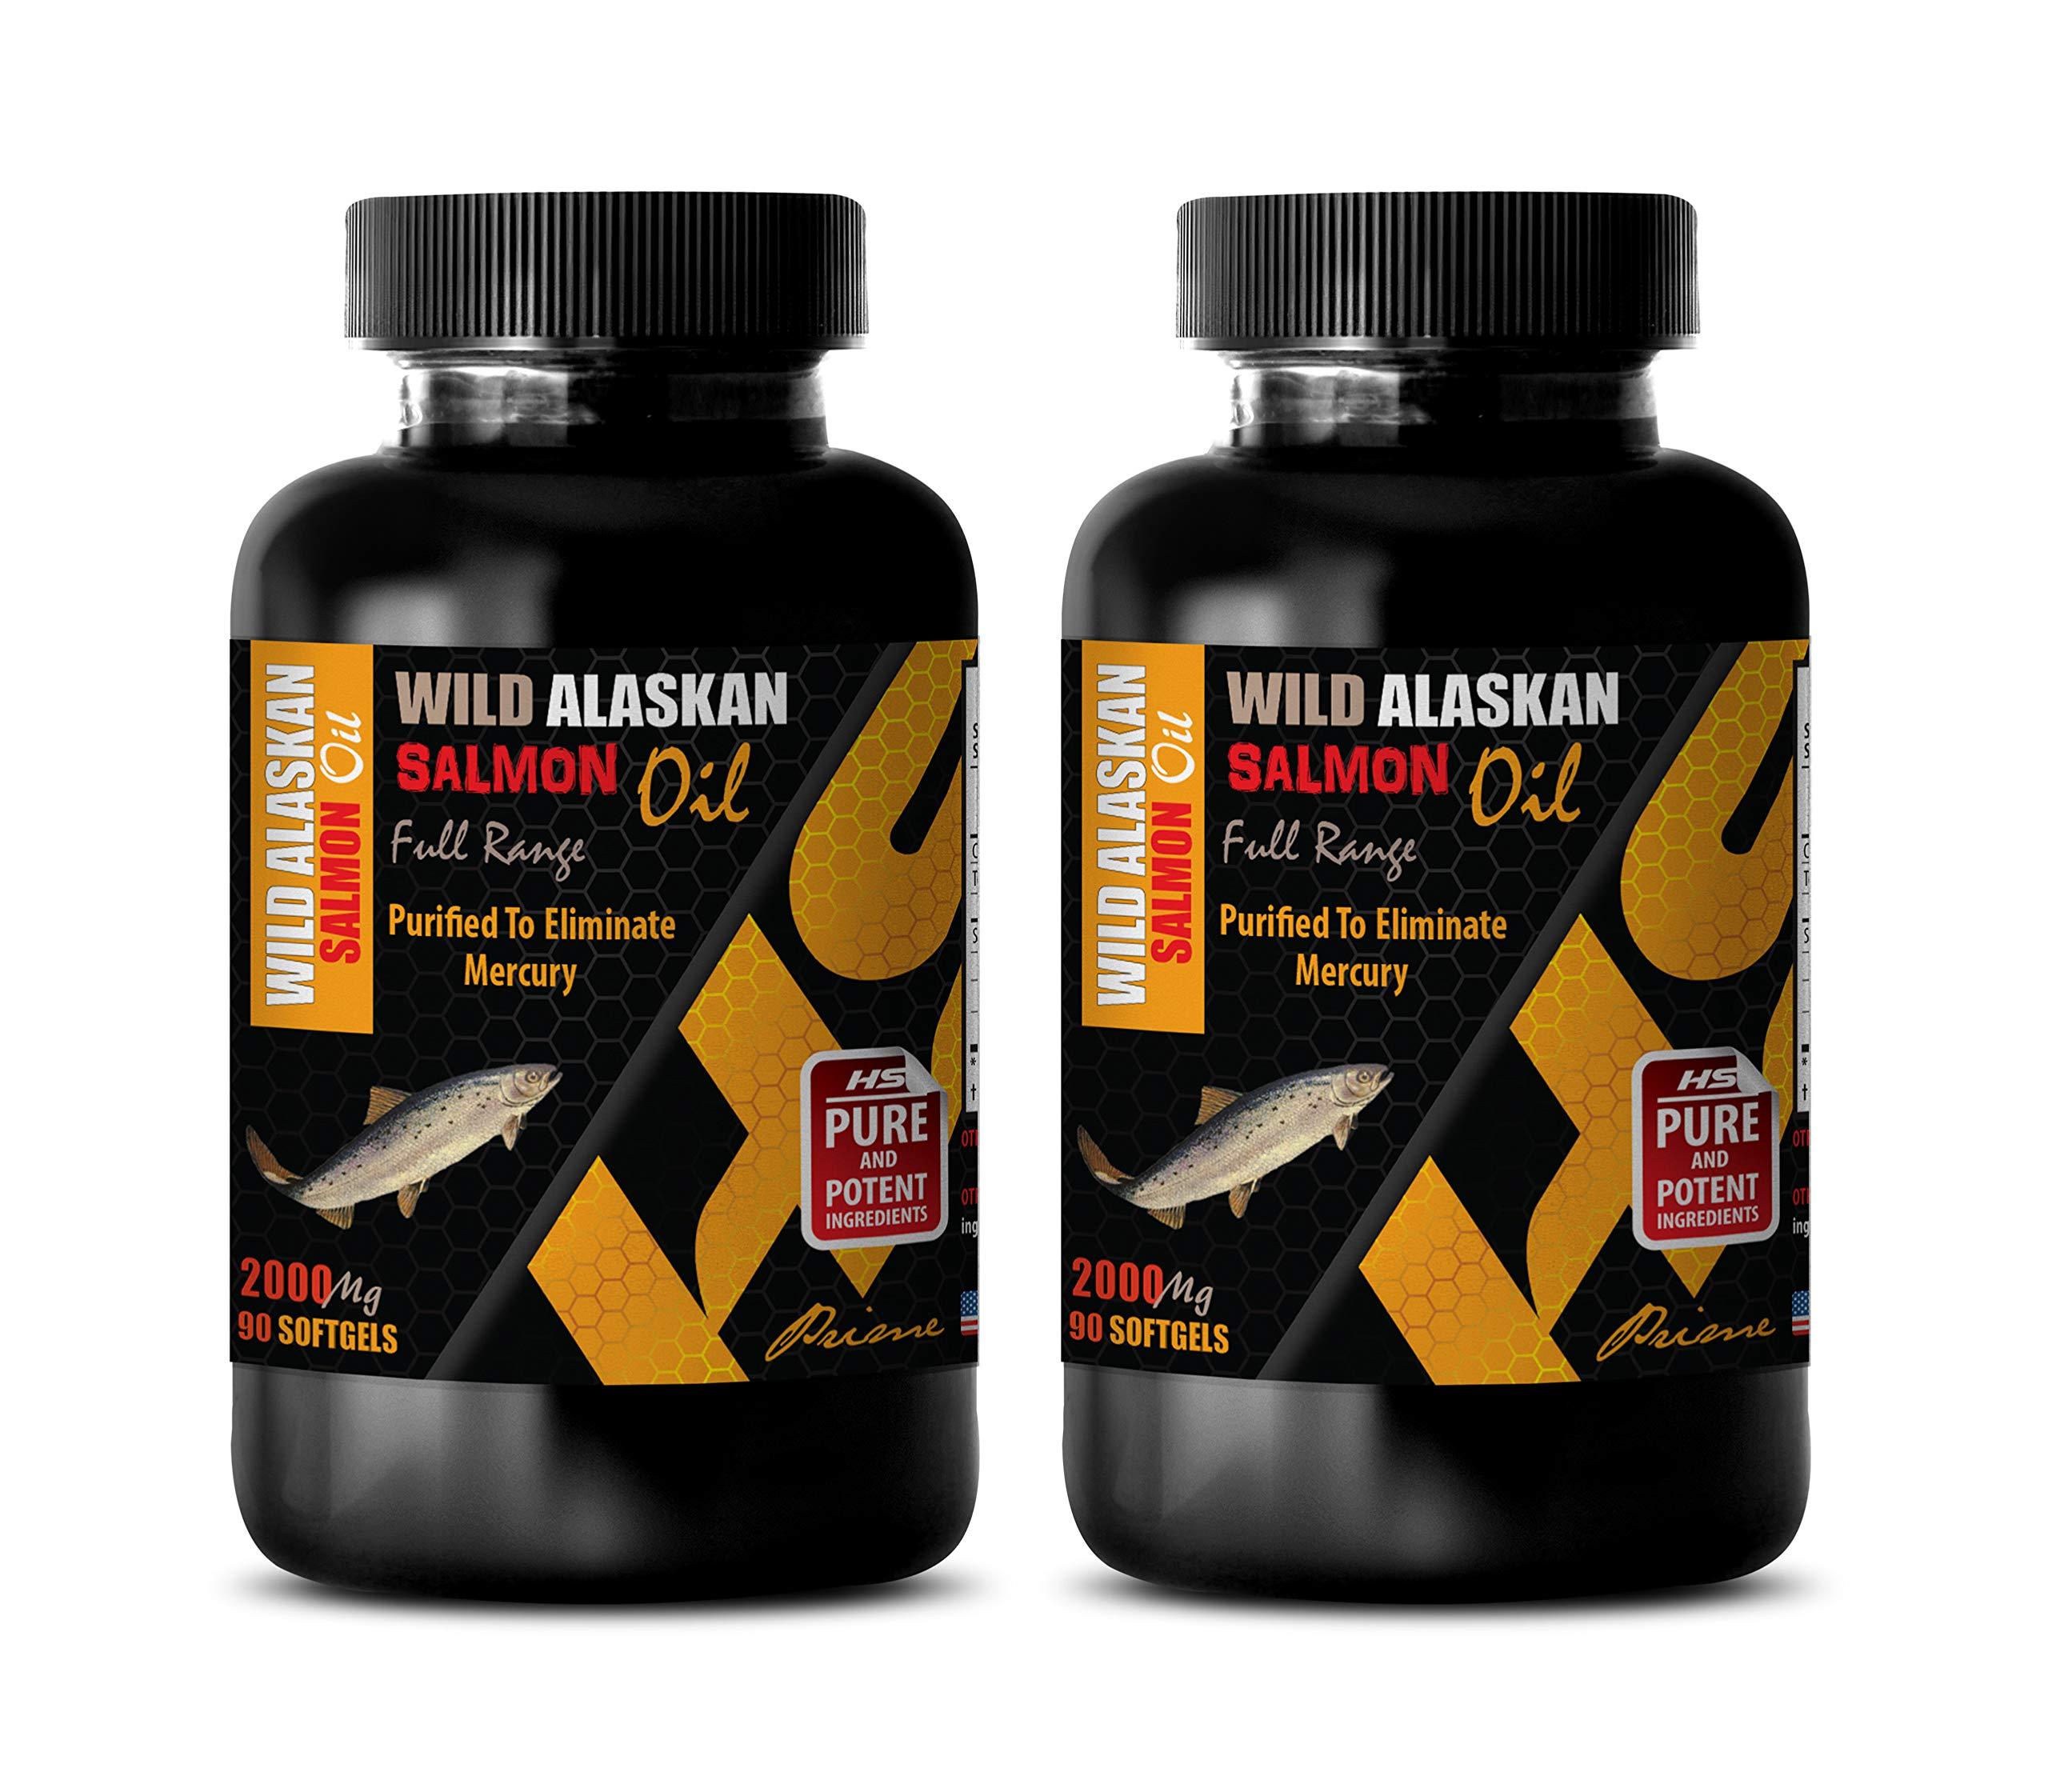 Brain Health Omega - Wild Alaskan Salmon Oil - Full Range 2000Mg - Fish Oil Bulk Supplements - 2 Bottles 180 Softgels